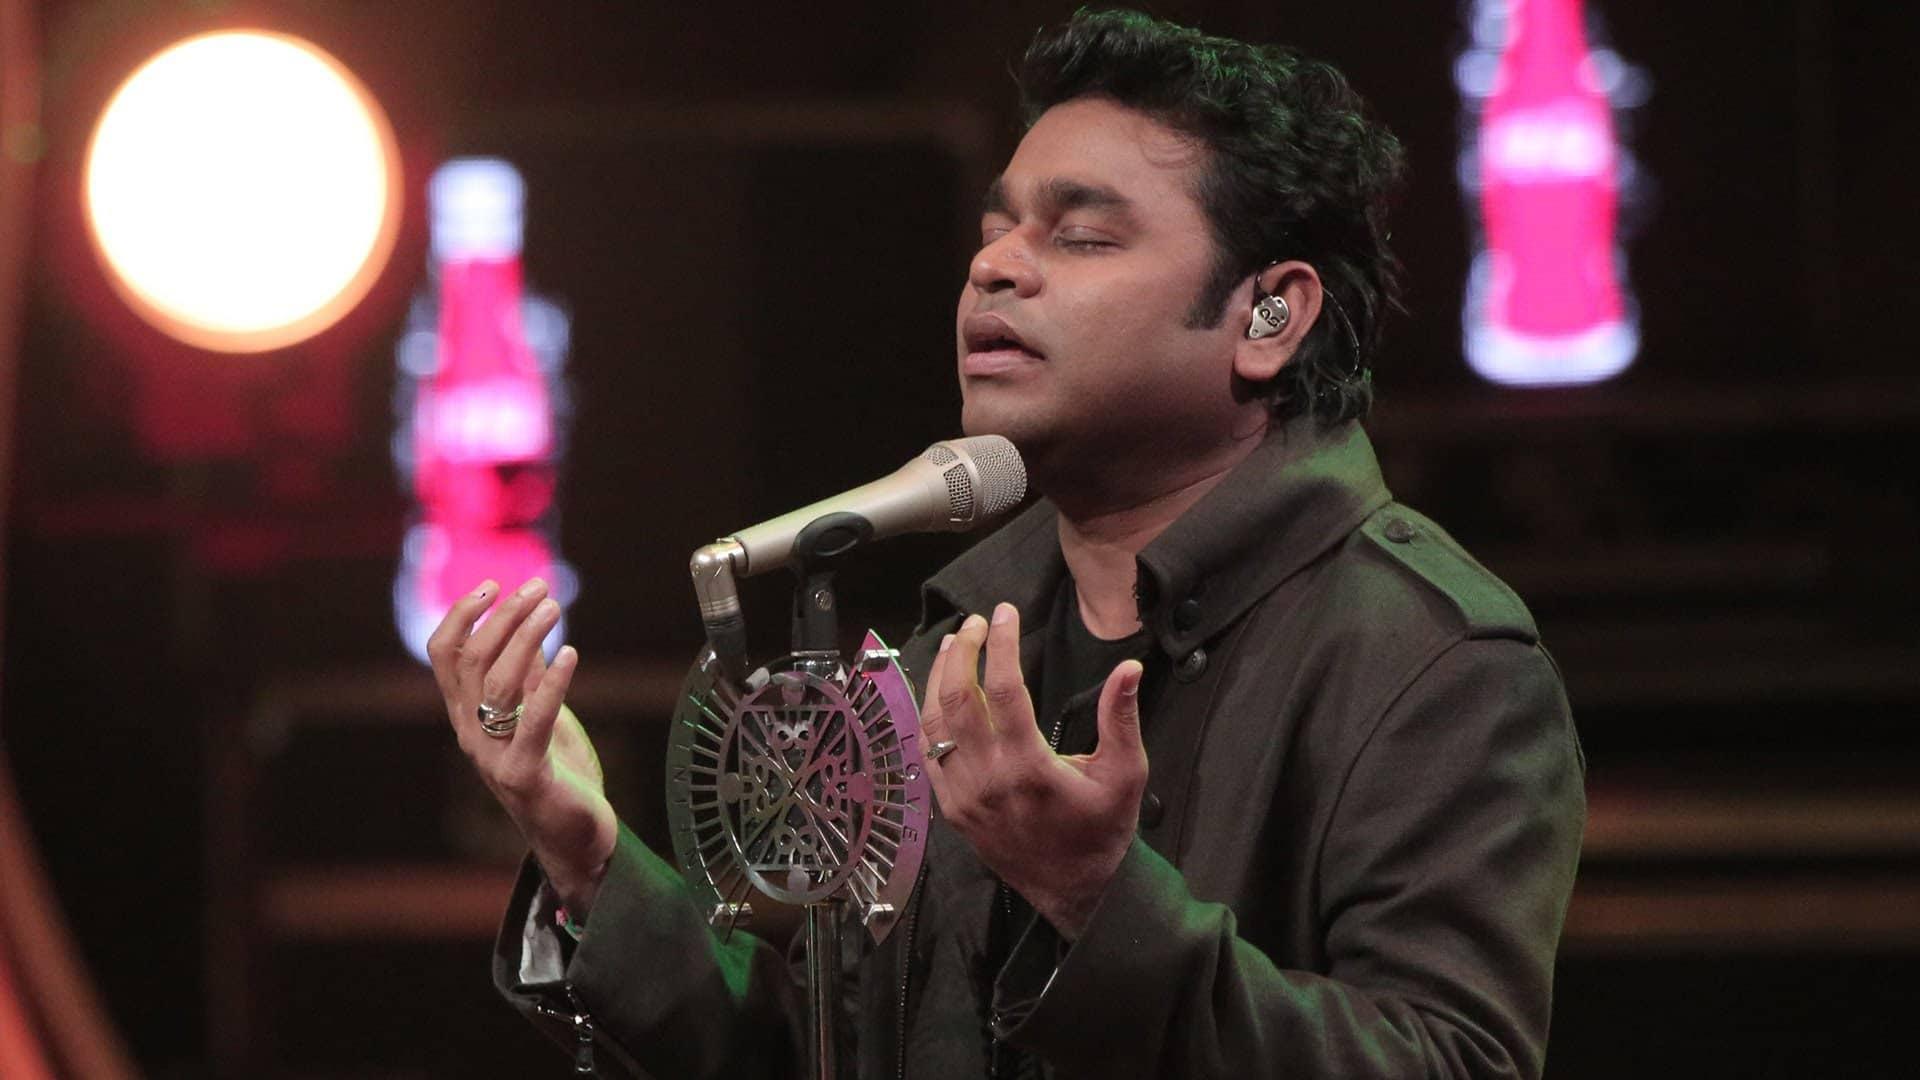 AR Rahman in The Academy Awards Race - 'पेले' के साथ एक बार फिर आॅस्कर अवॉर्ड रेस में ए. आर.रहमान !